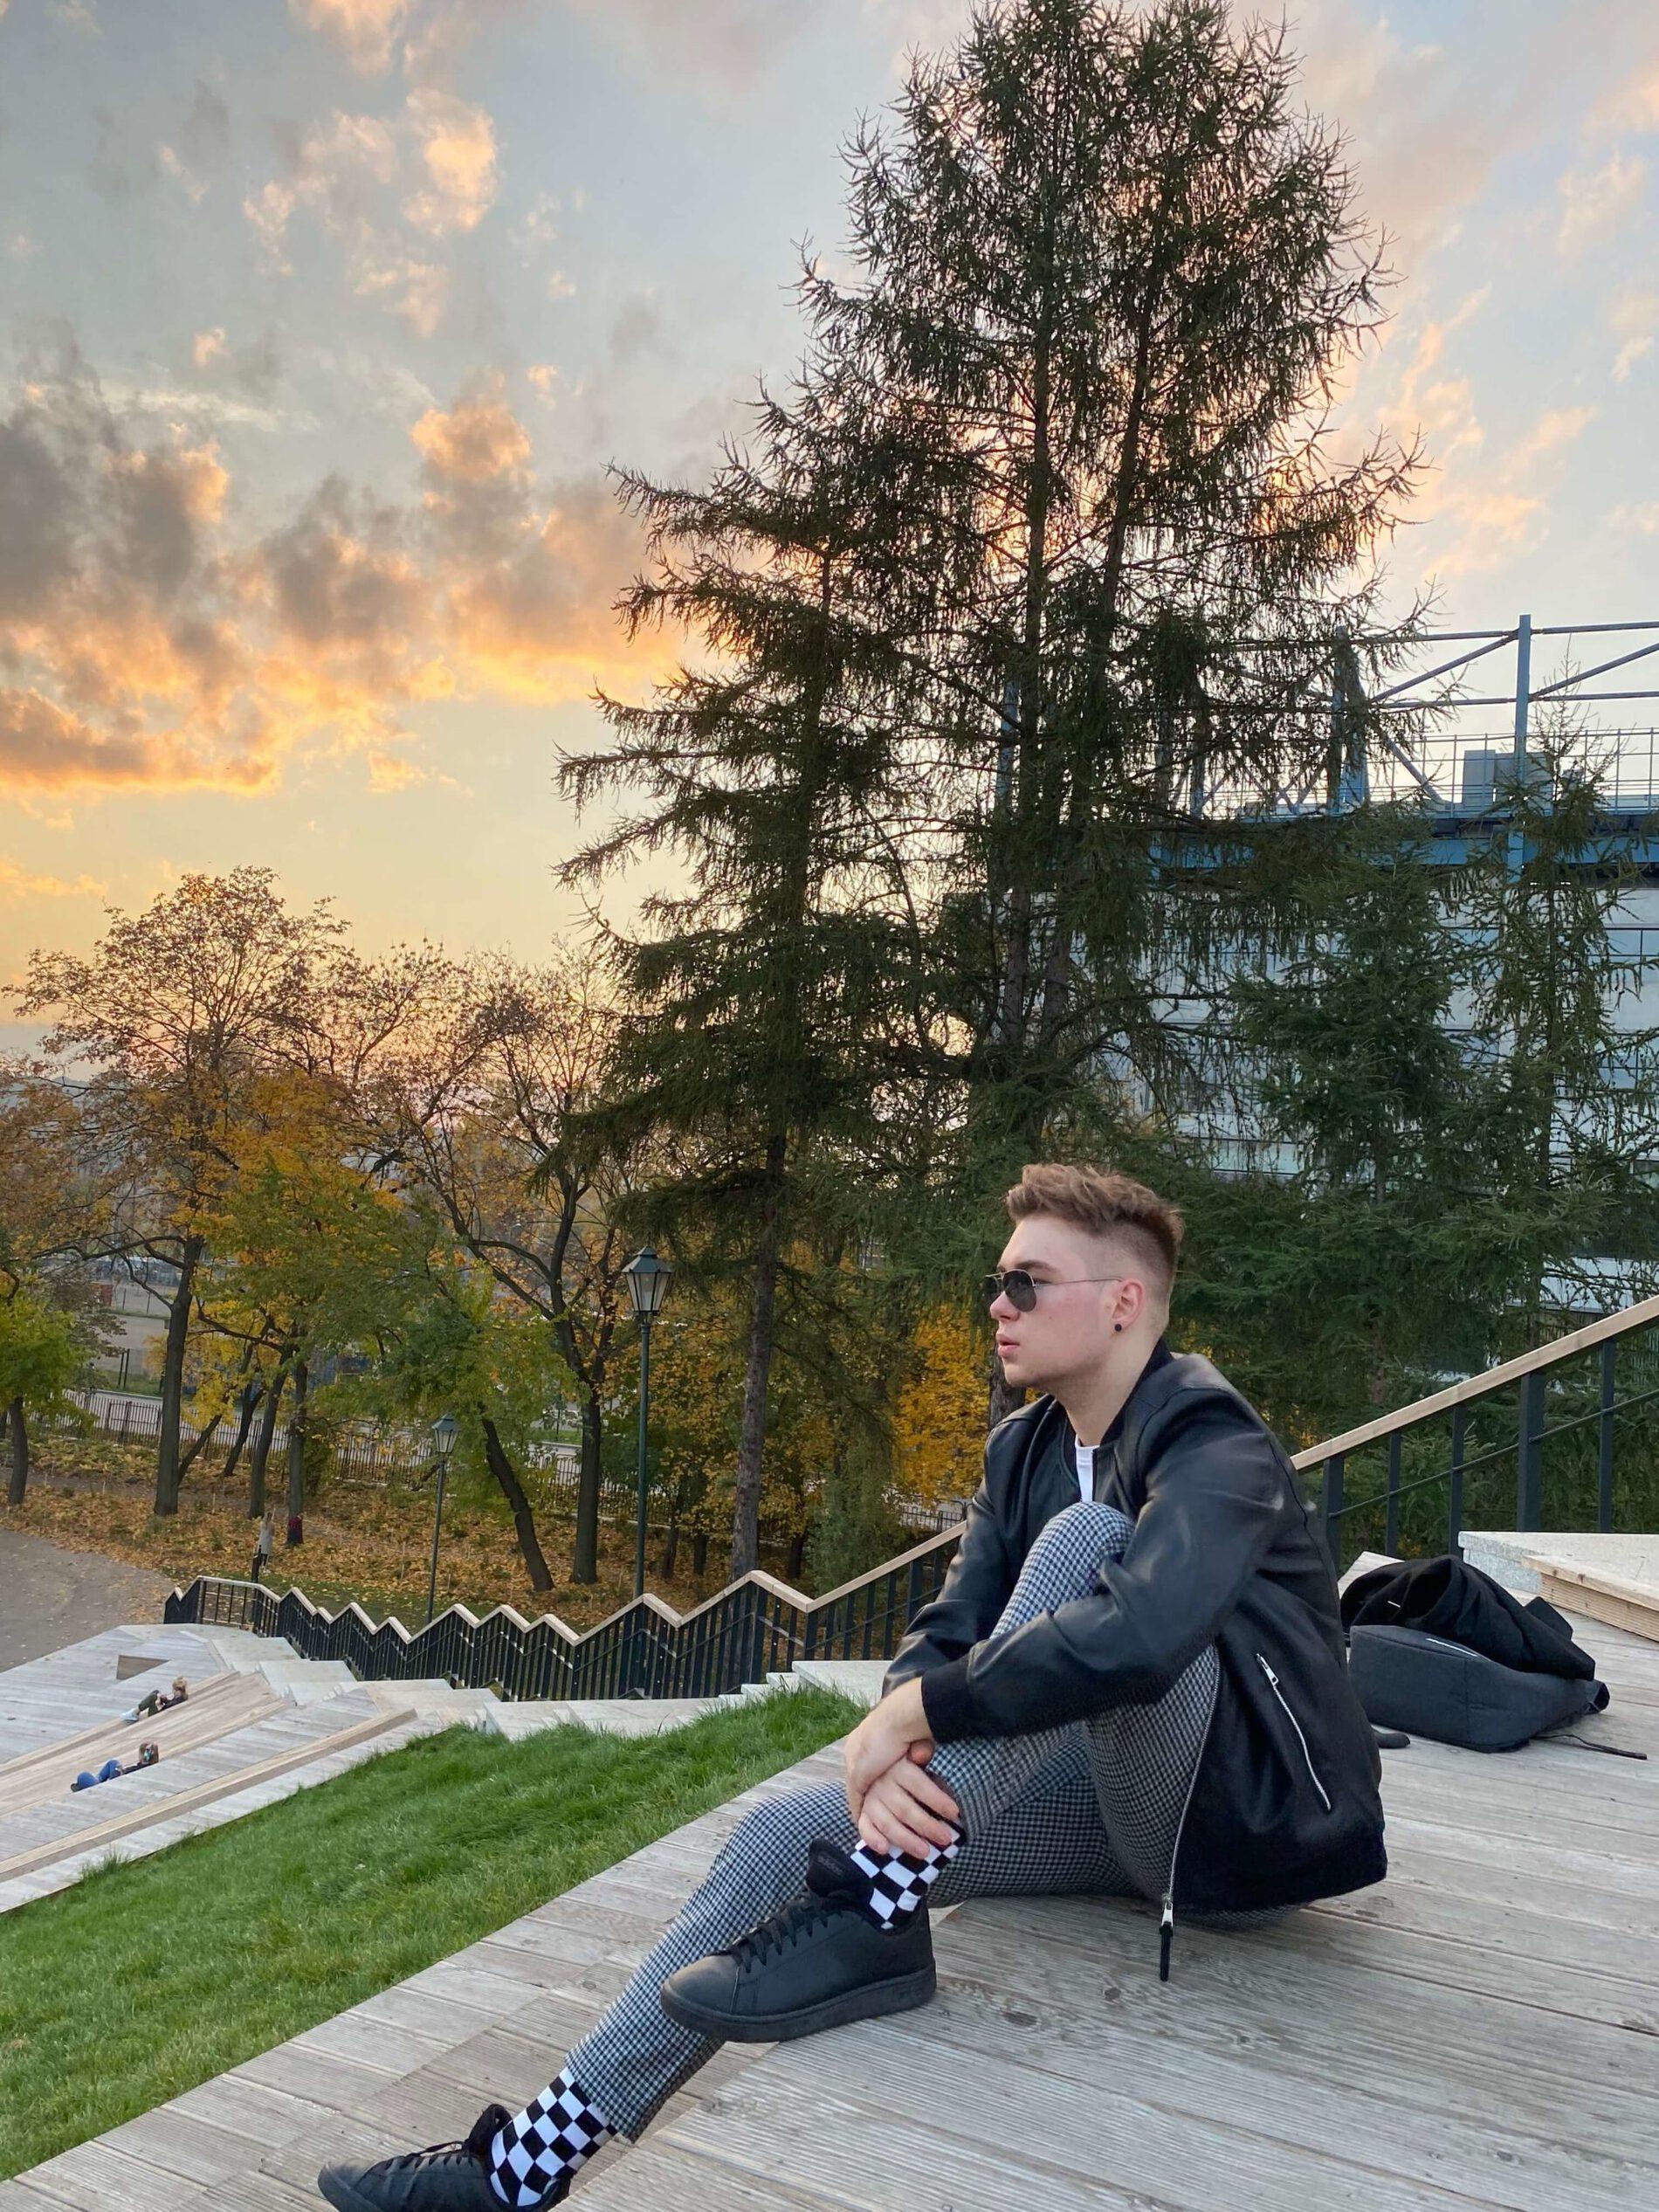 Рабочее: как студенты в Польше совмещают учебу с работой - UniverPL